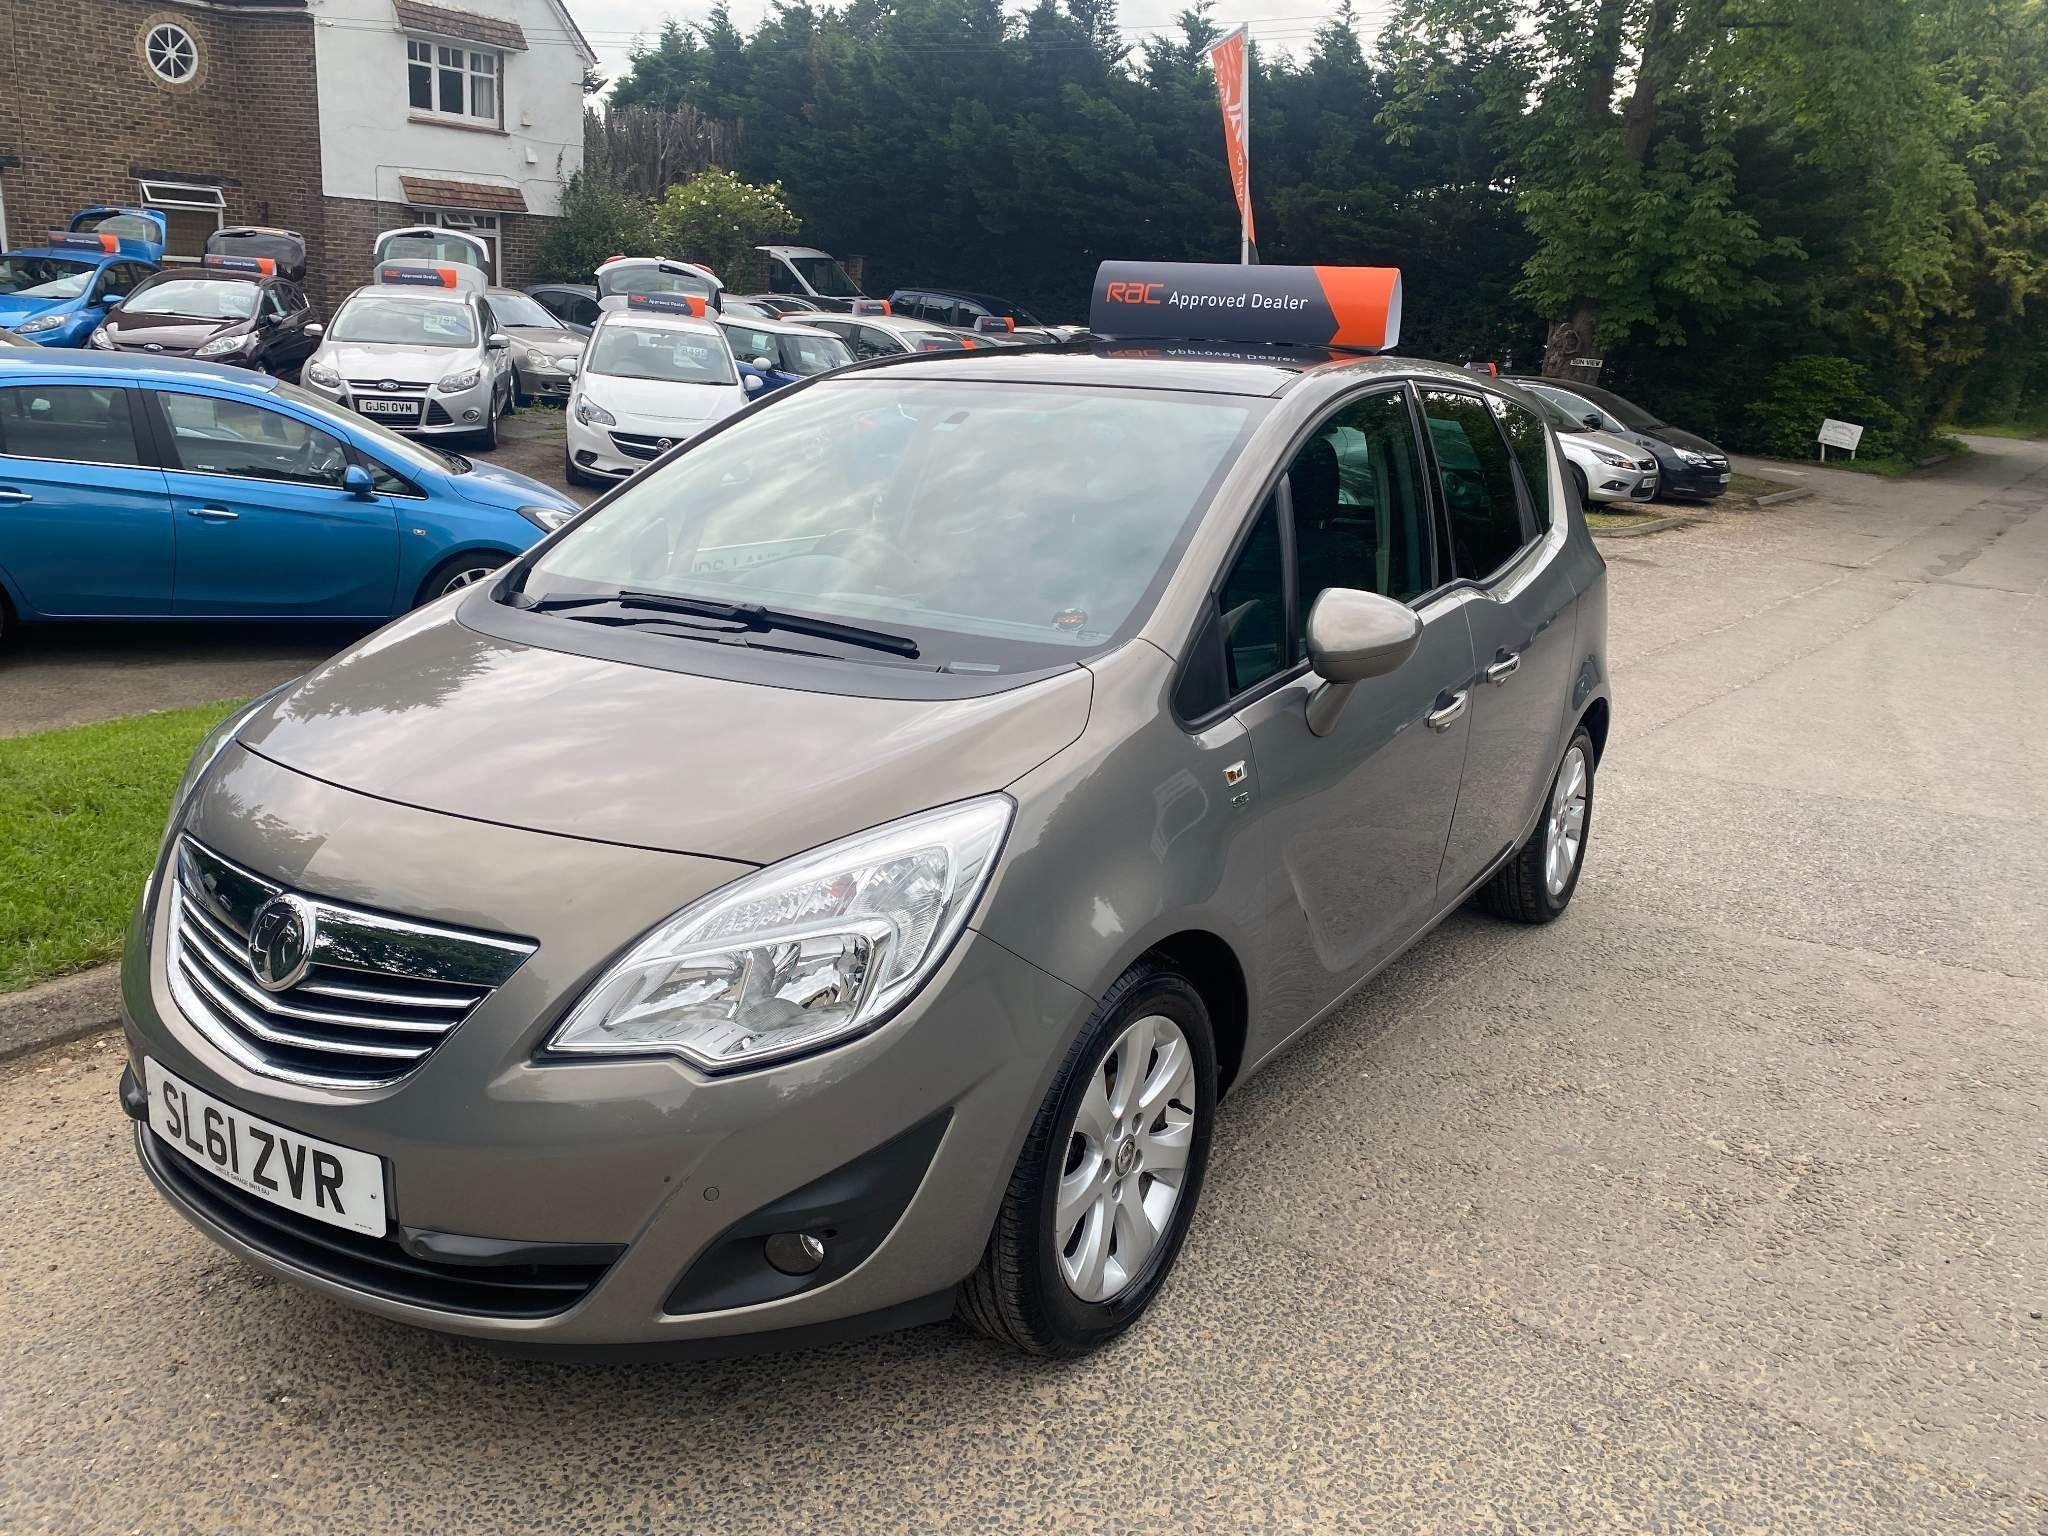 Used Vauxhall Meriva for sale